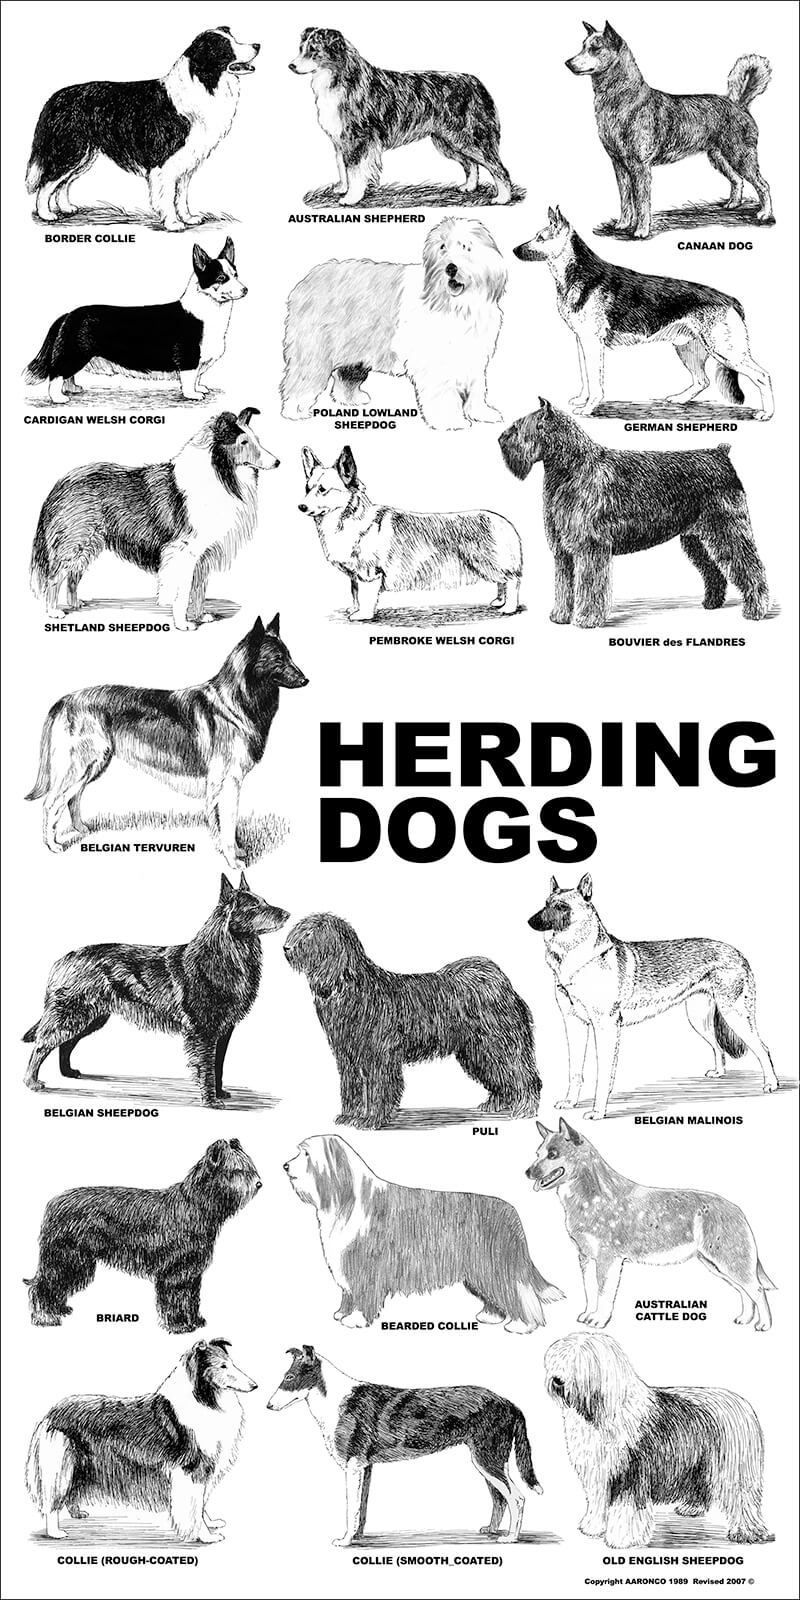 Aaronco Poster Herding Dogs Barkleigh Store Herding Dogs